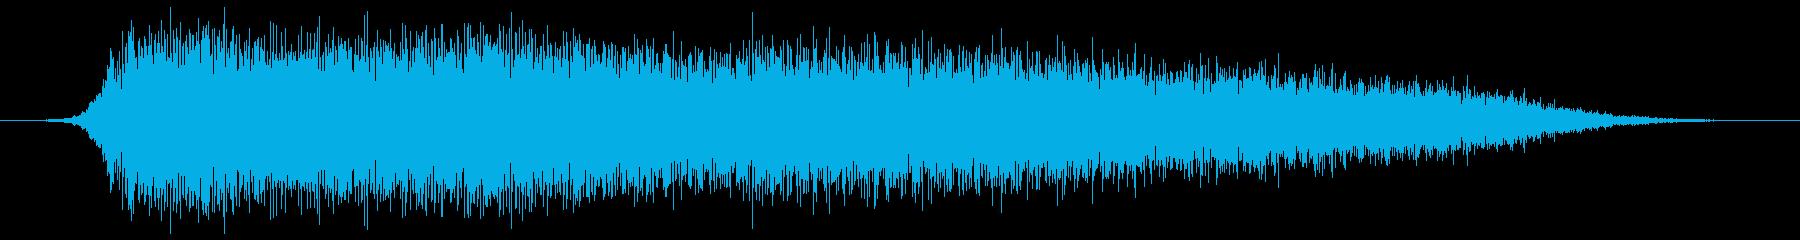 三連ホーン (チープ) プァーの再生済みの波形